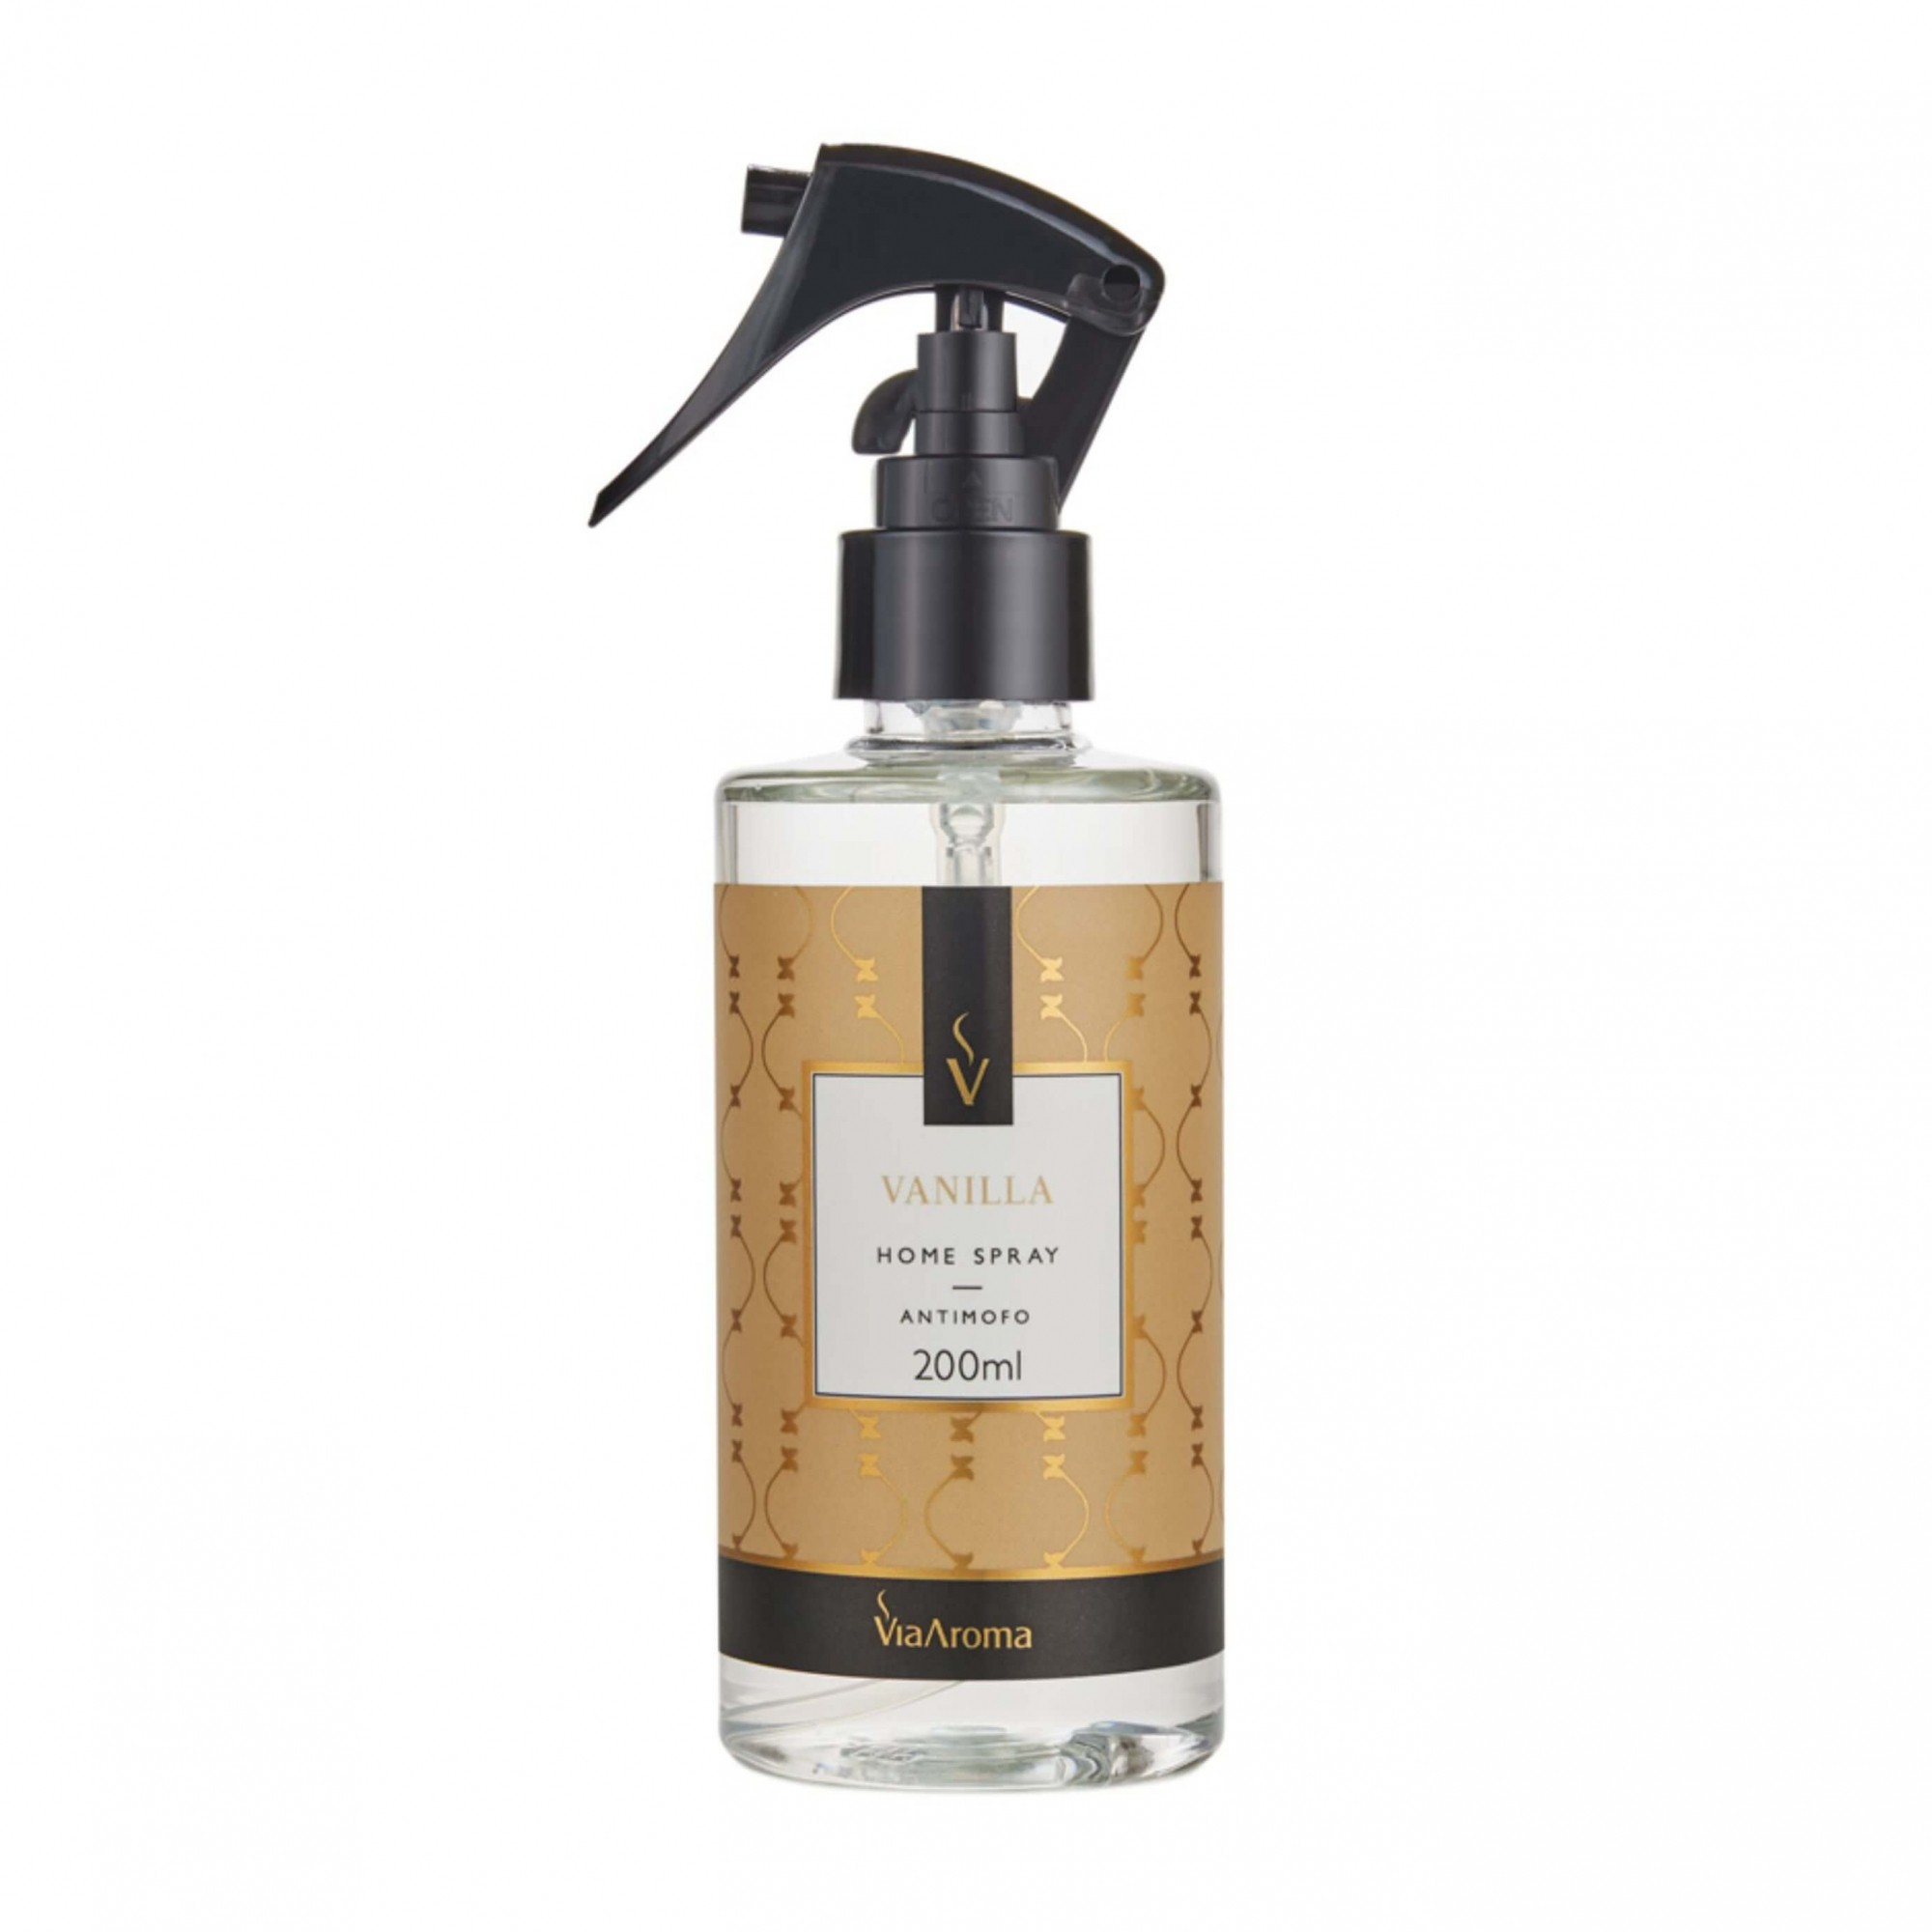 Home Spray - Vanilla ViaAroma 200ml